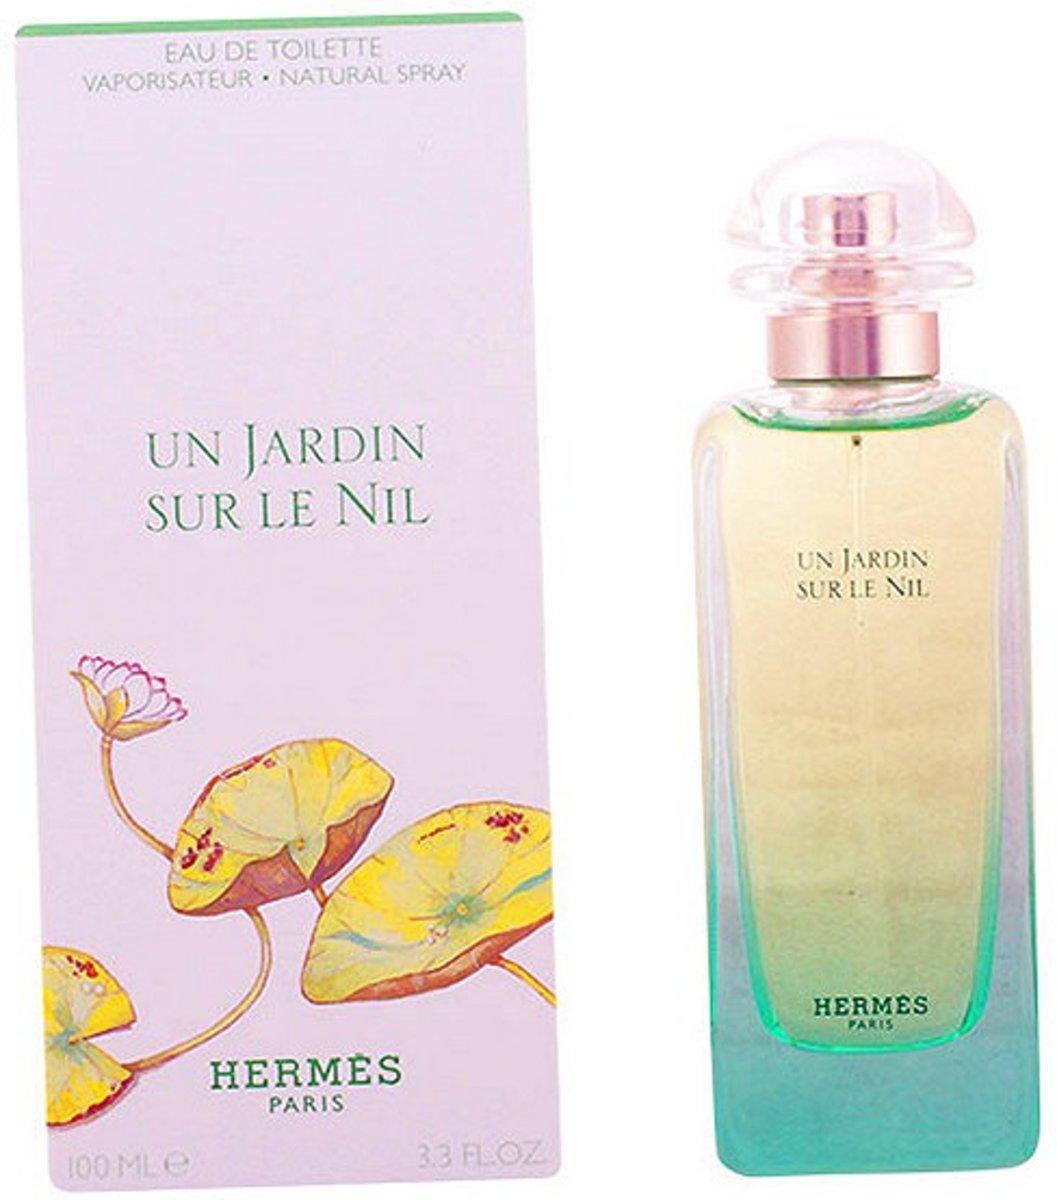 bol.com   Hermes Un Jardin Sur le Nil pour Femme - 50 ml - Eau de Toilette 77667d66da6